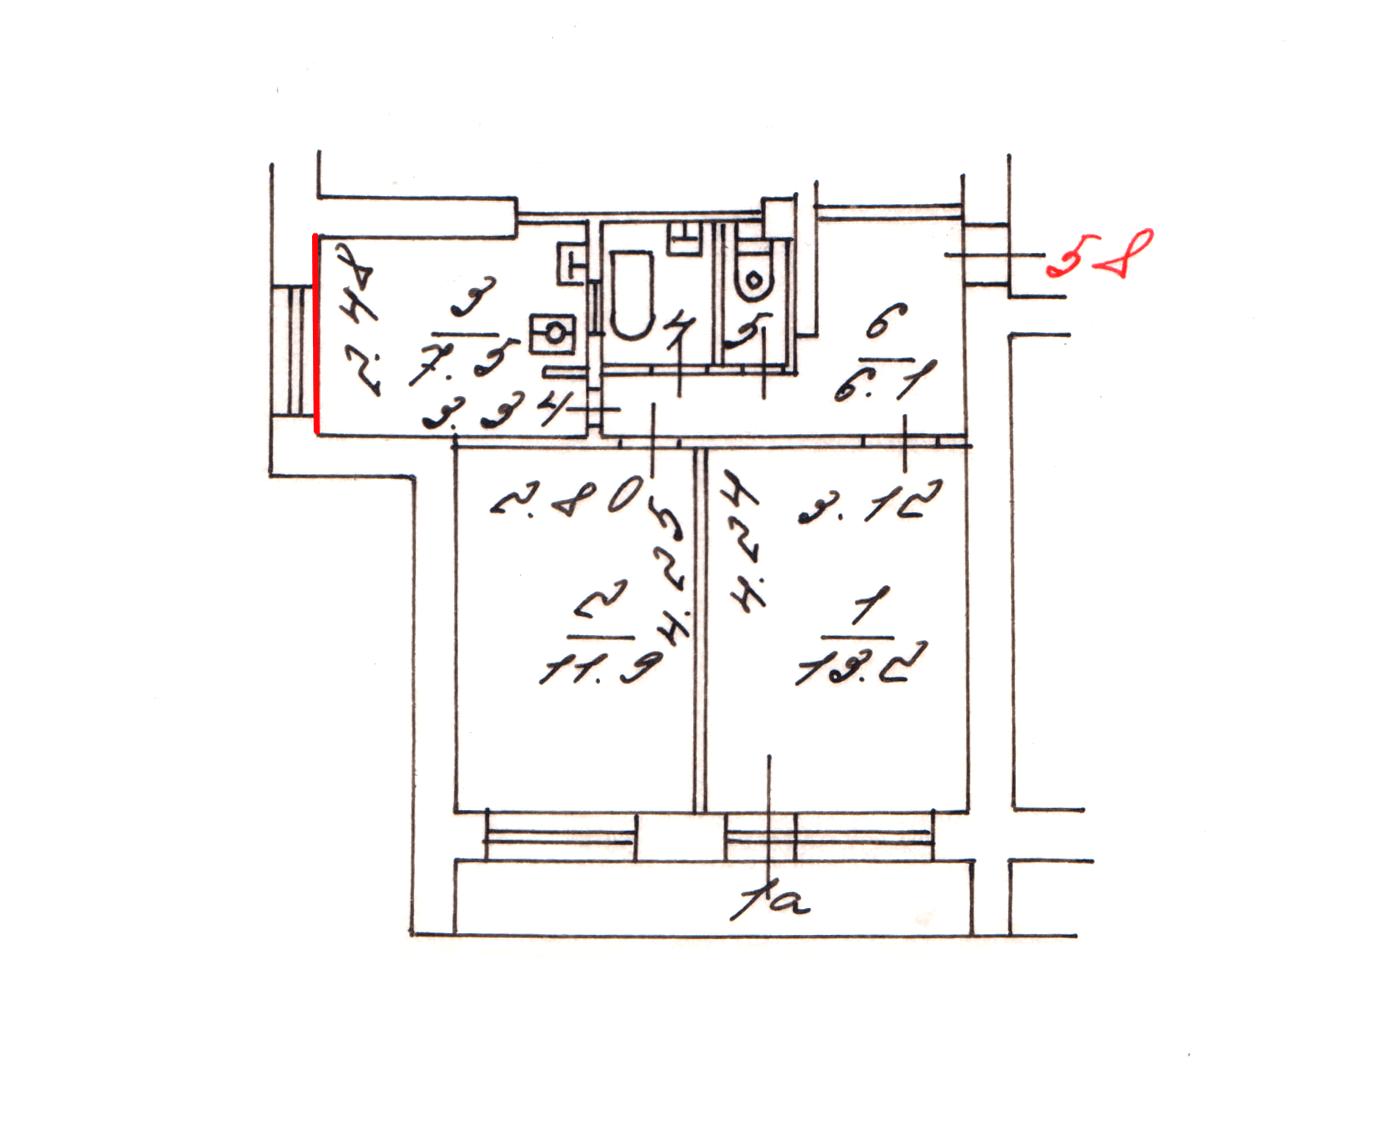 Я верил в непогрешимость плана БТИ, но стена, которую я выделил красным, оказалась меньше, а окно в реальности расположено ближе к середине стены, чем на плане. К тому же на плане БТИ не указаны размеры каждой из стен